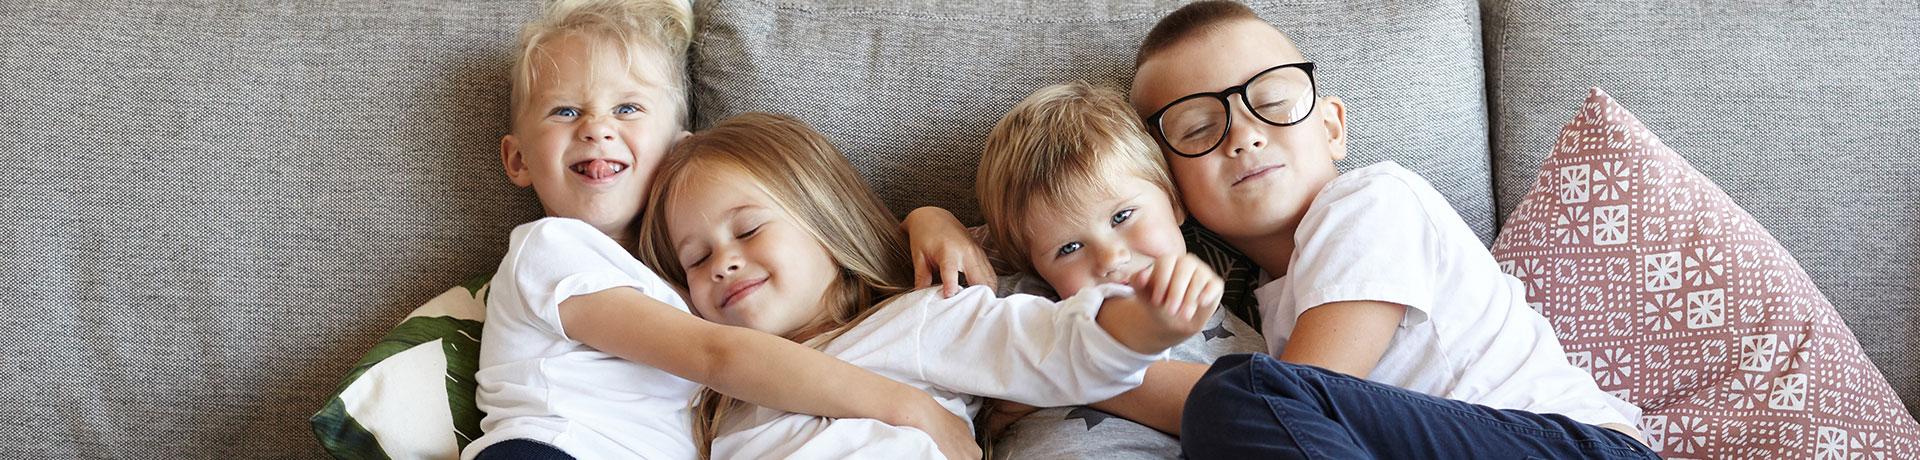 Vier Kinder auf einer bequemen Wohnlandschaft kuscheln miteinander